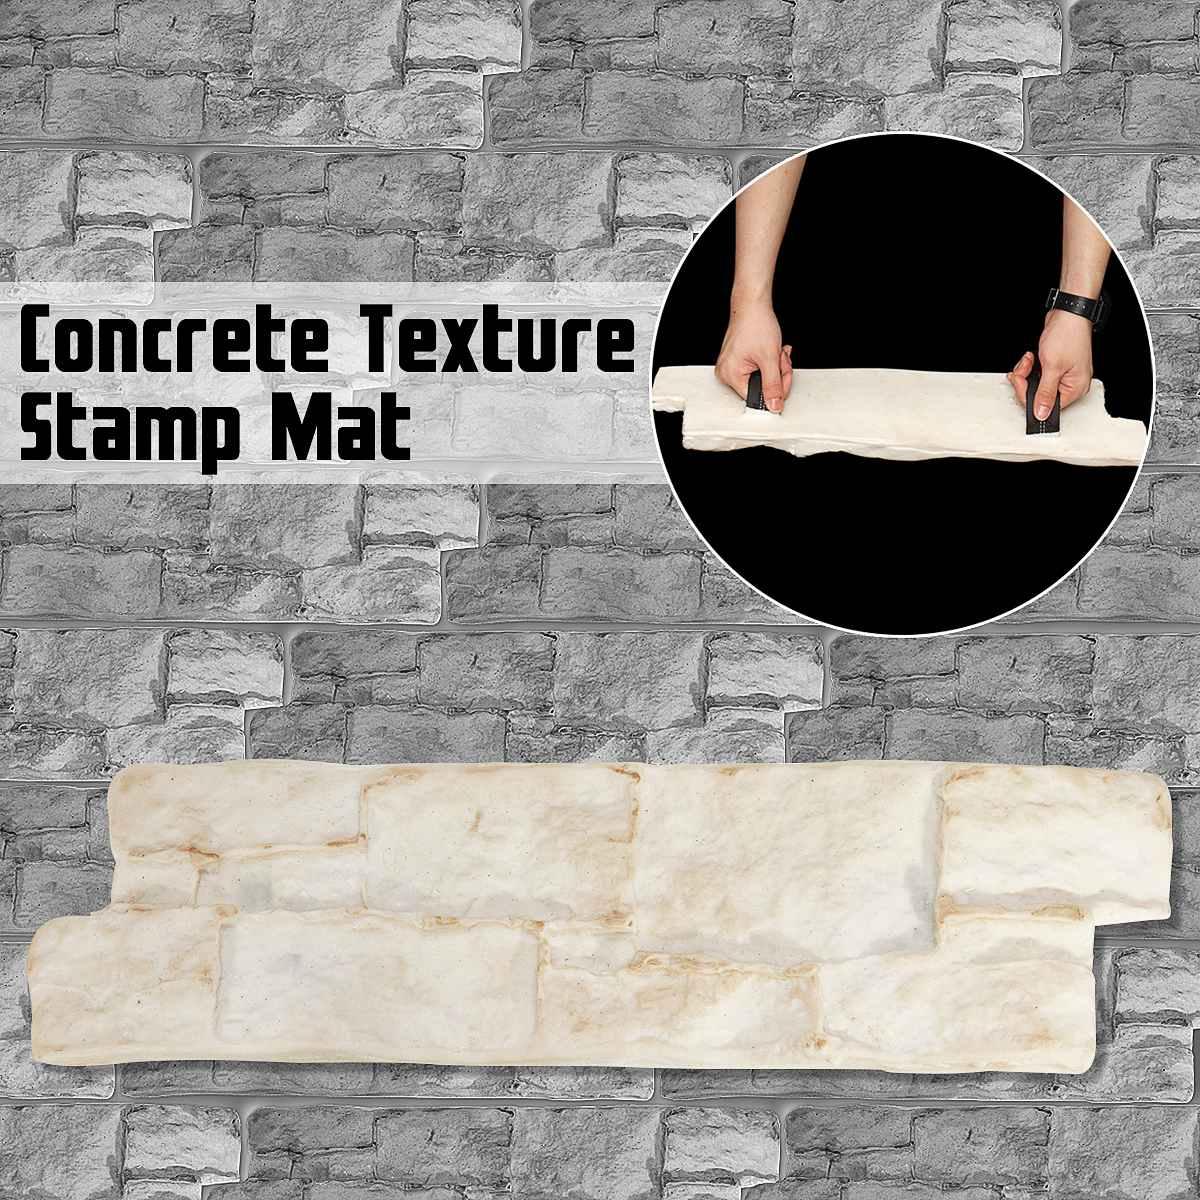 Горячие полиуретановые формы модель для бетон гипс стены каменный цемент плитки резиновые пресс формы декоративные дома сад пол стены форм